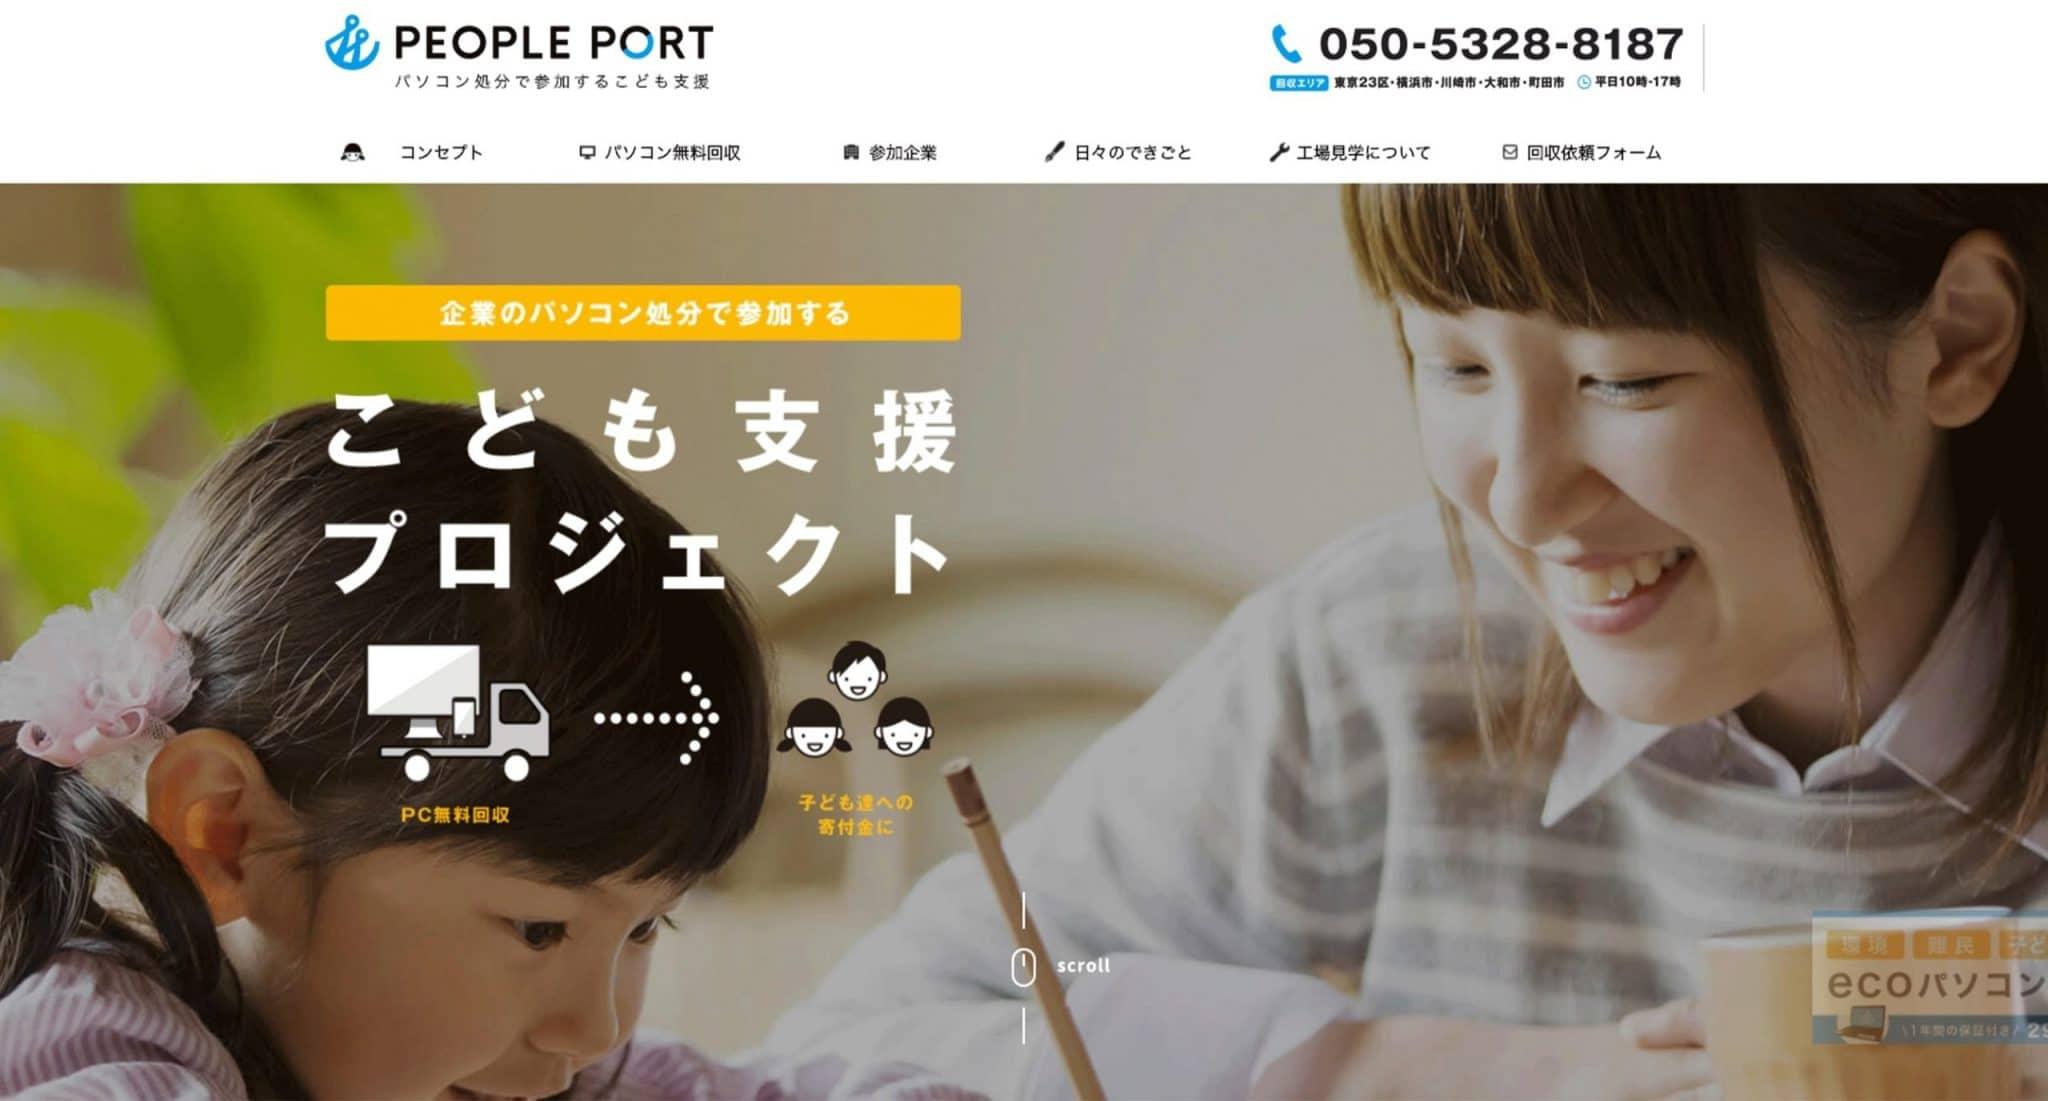 企業のパソコン処分で参加する子どもの教育支援「ピープルポート」